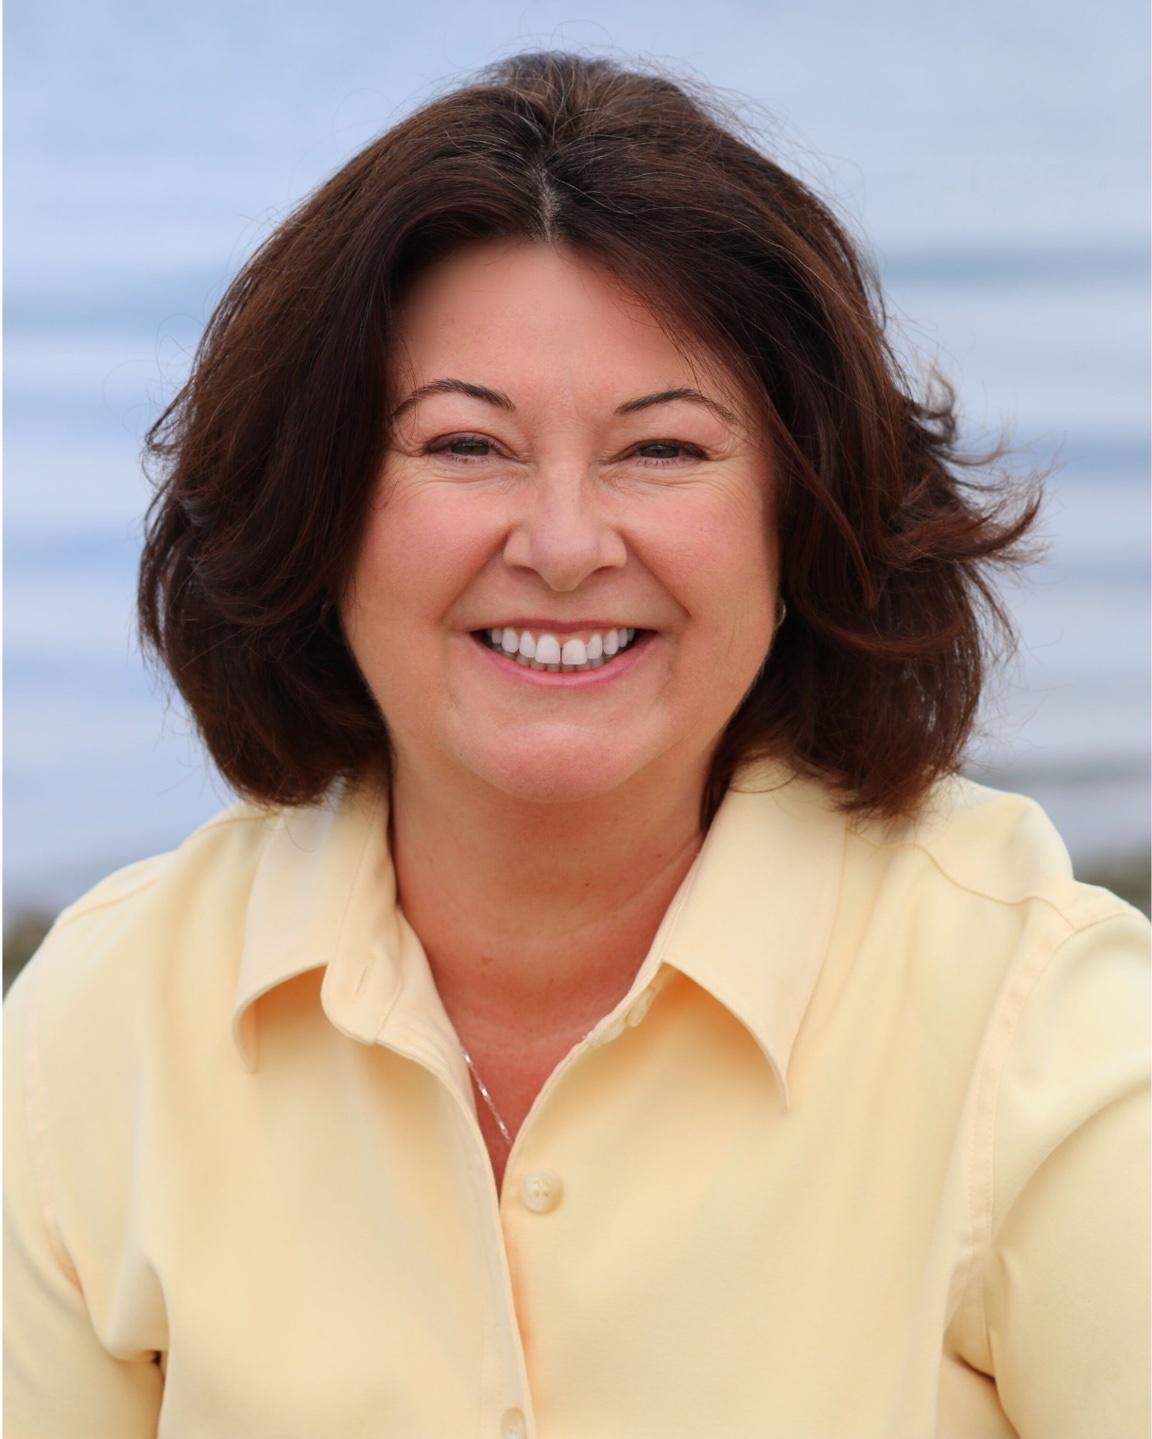 Maria Furlano headshot yellow shirt The Art Of Tuning In Healers